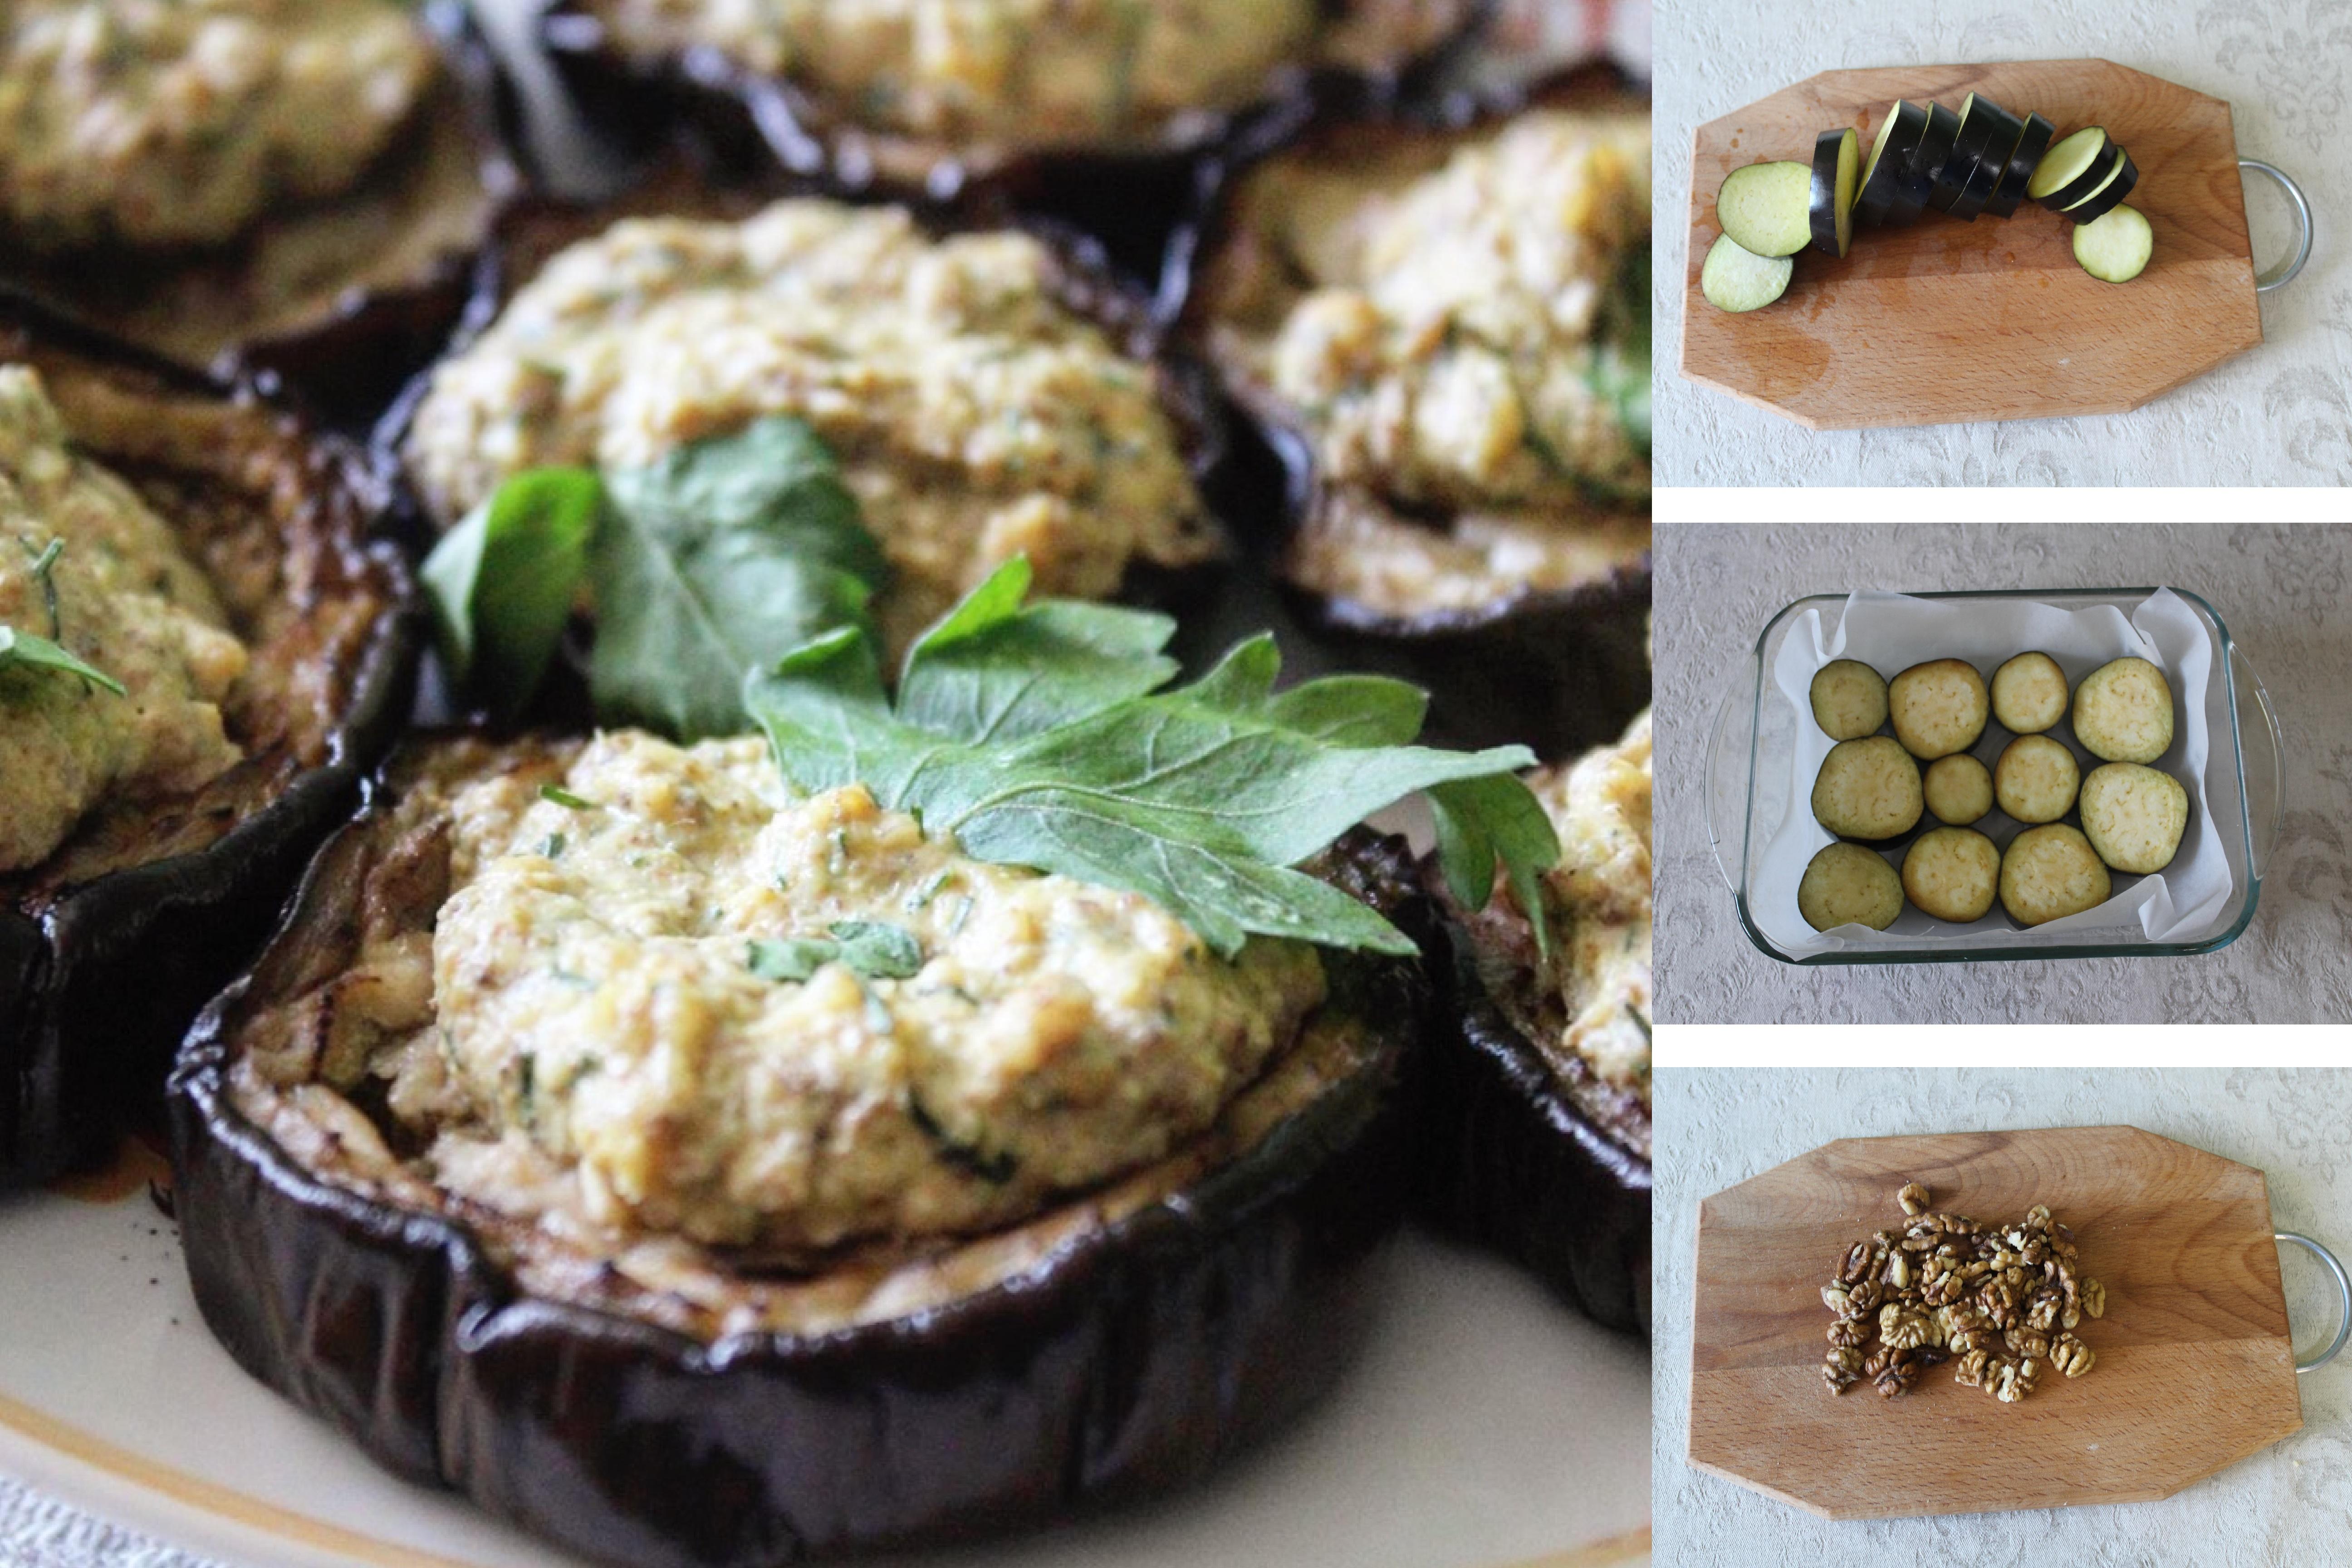 Пошаговый фото-рецепт: Пикантная закуска с баклажанами с соусом Баже